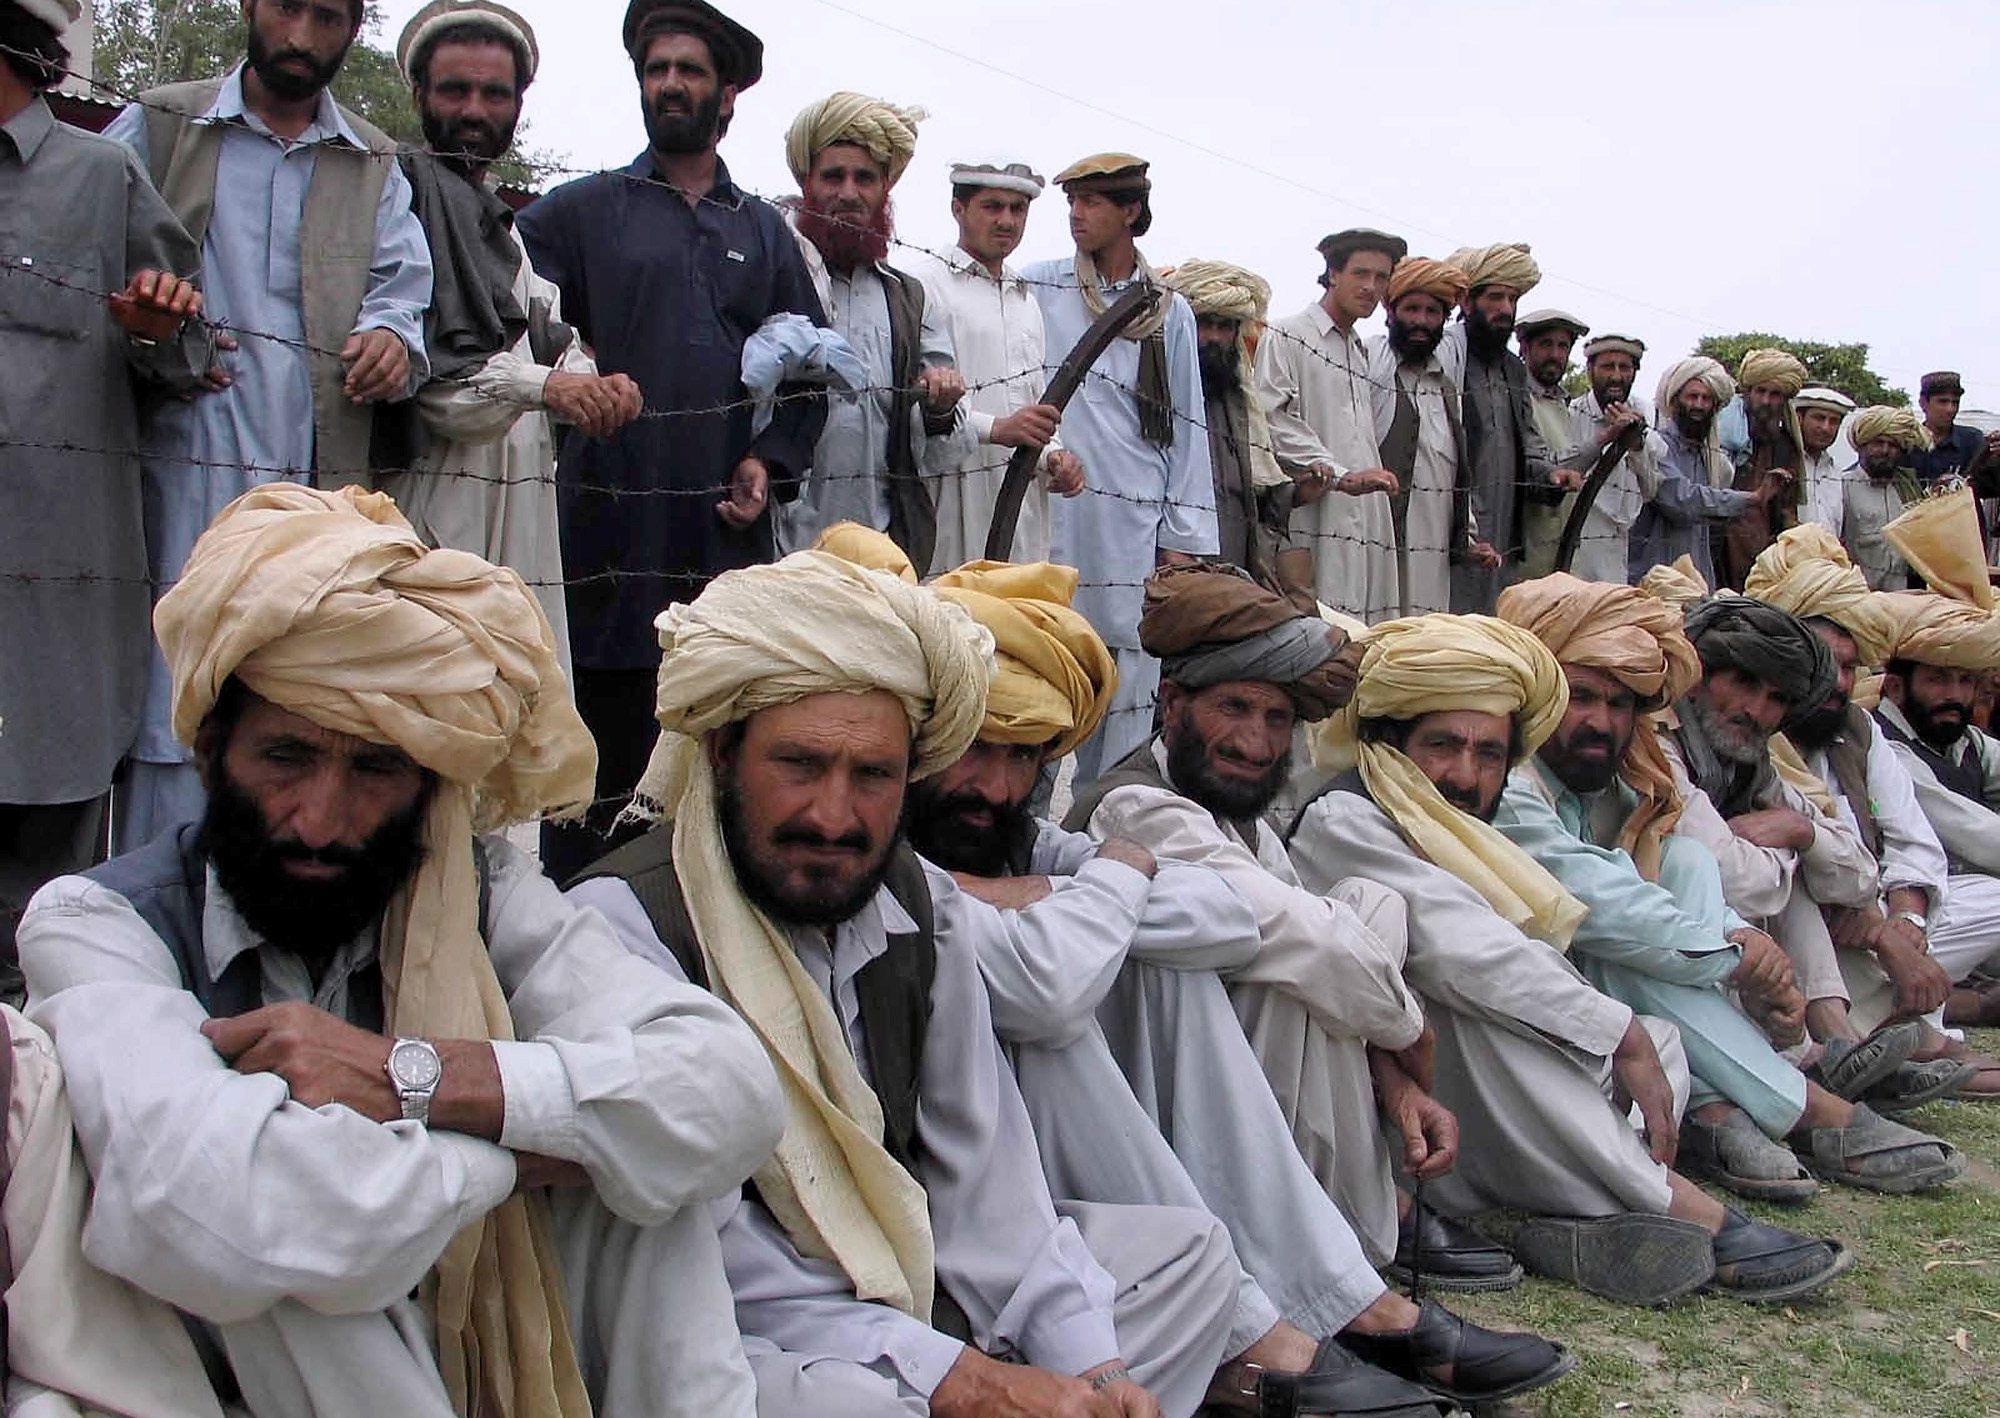 ней национальность афганец фото делец находит возможность